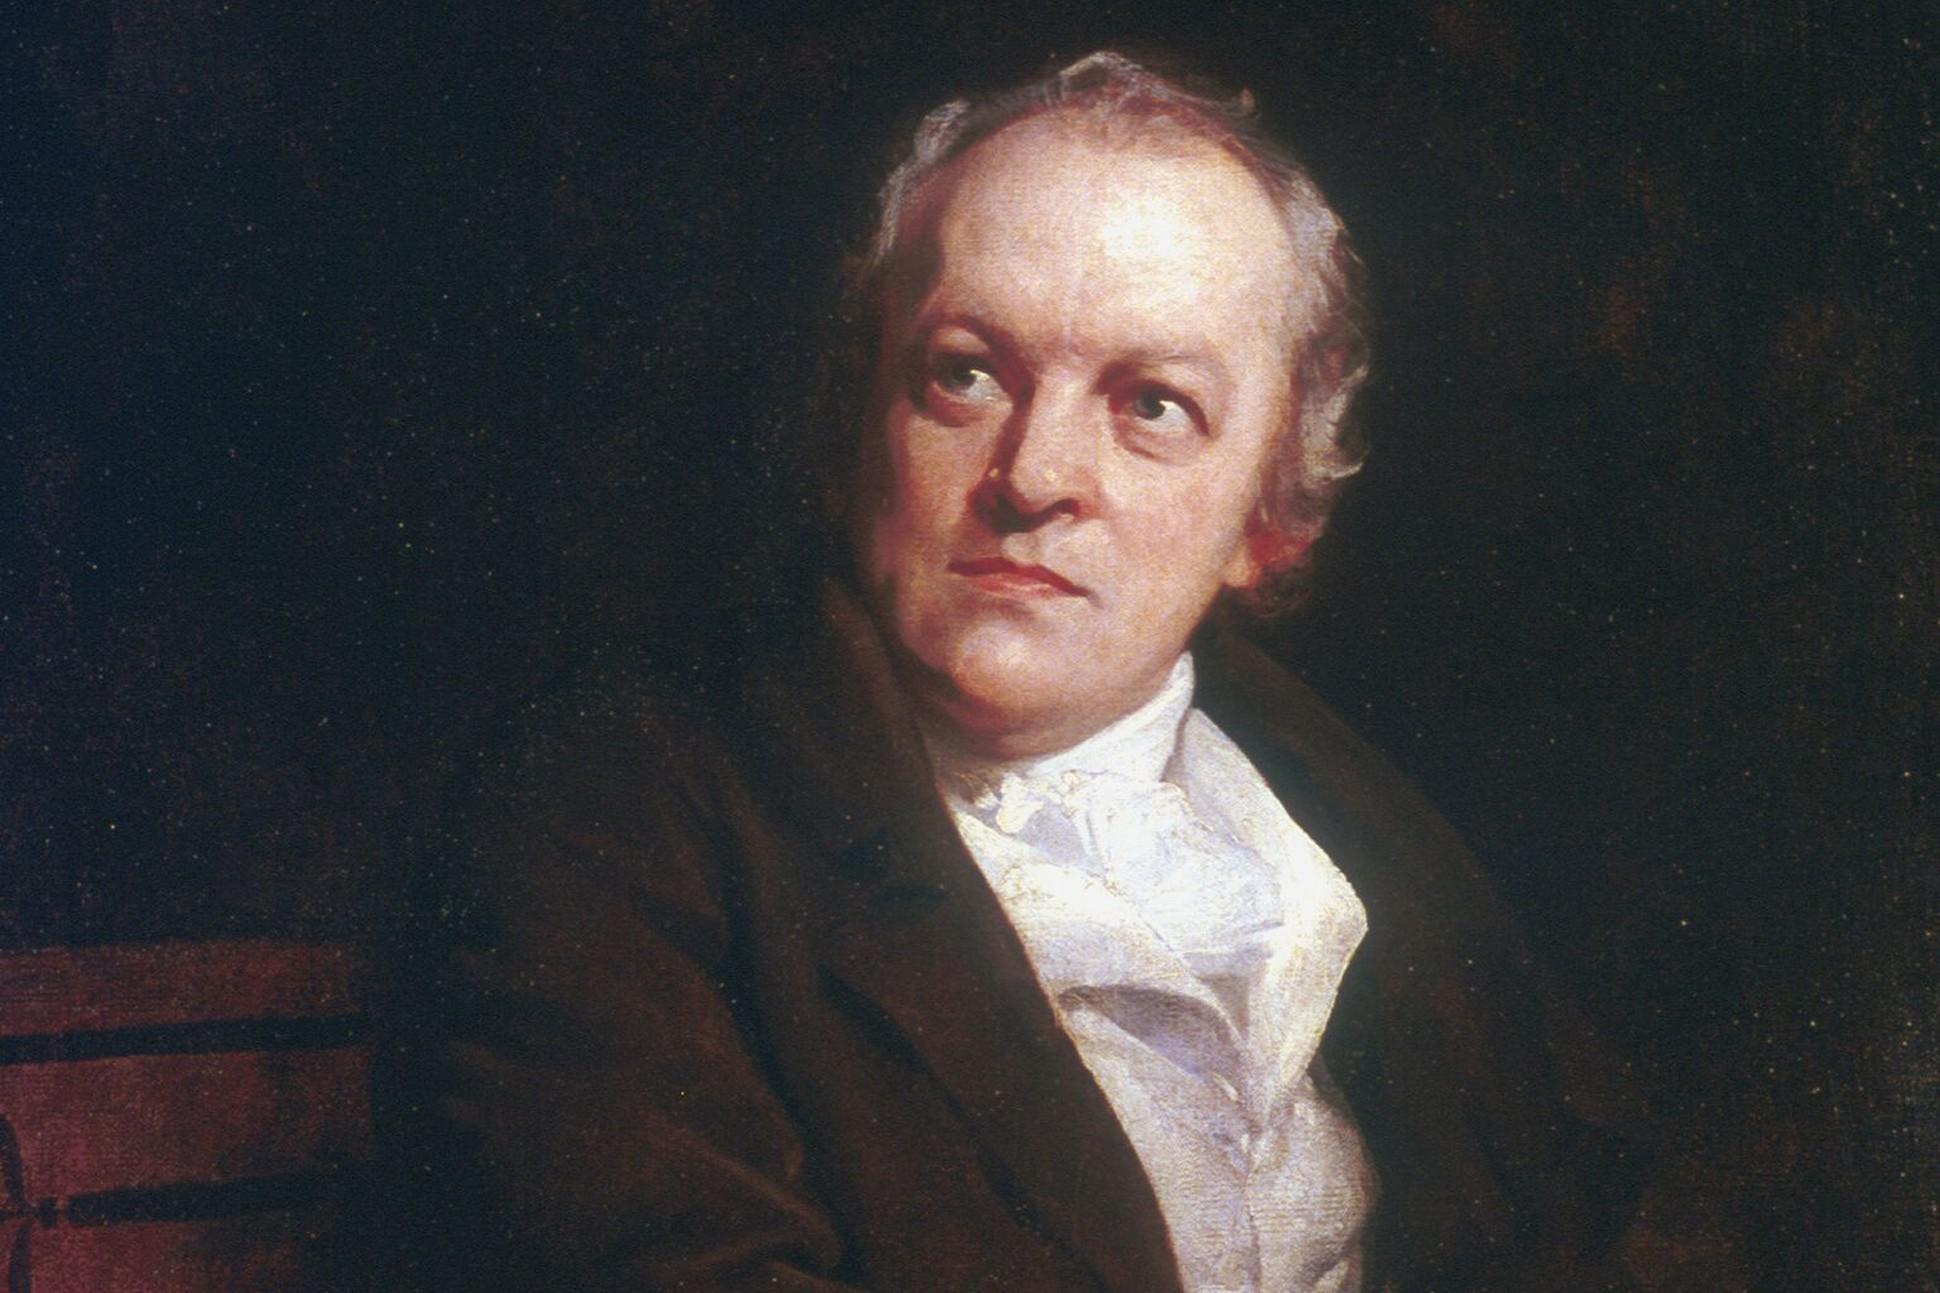 William Blake photo #0